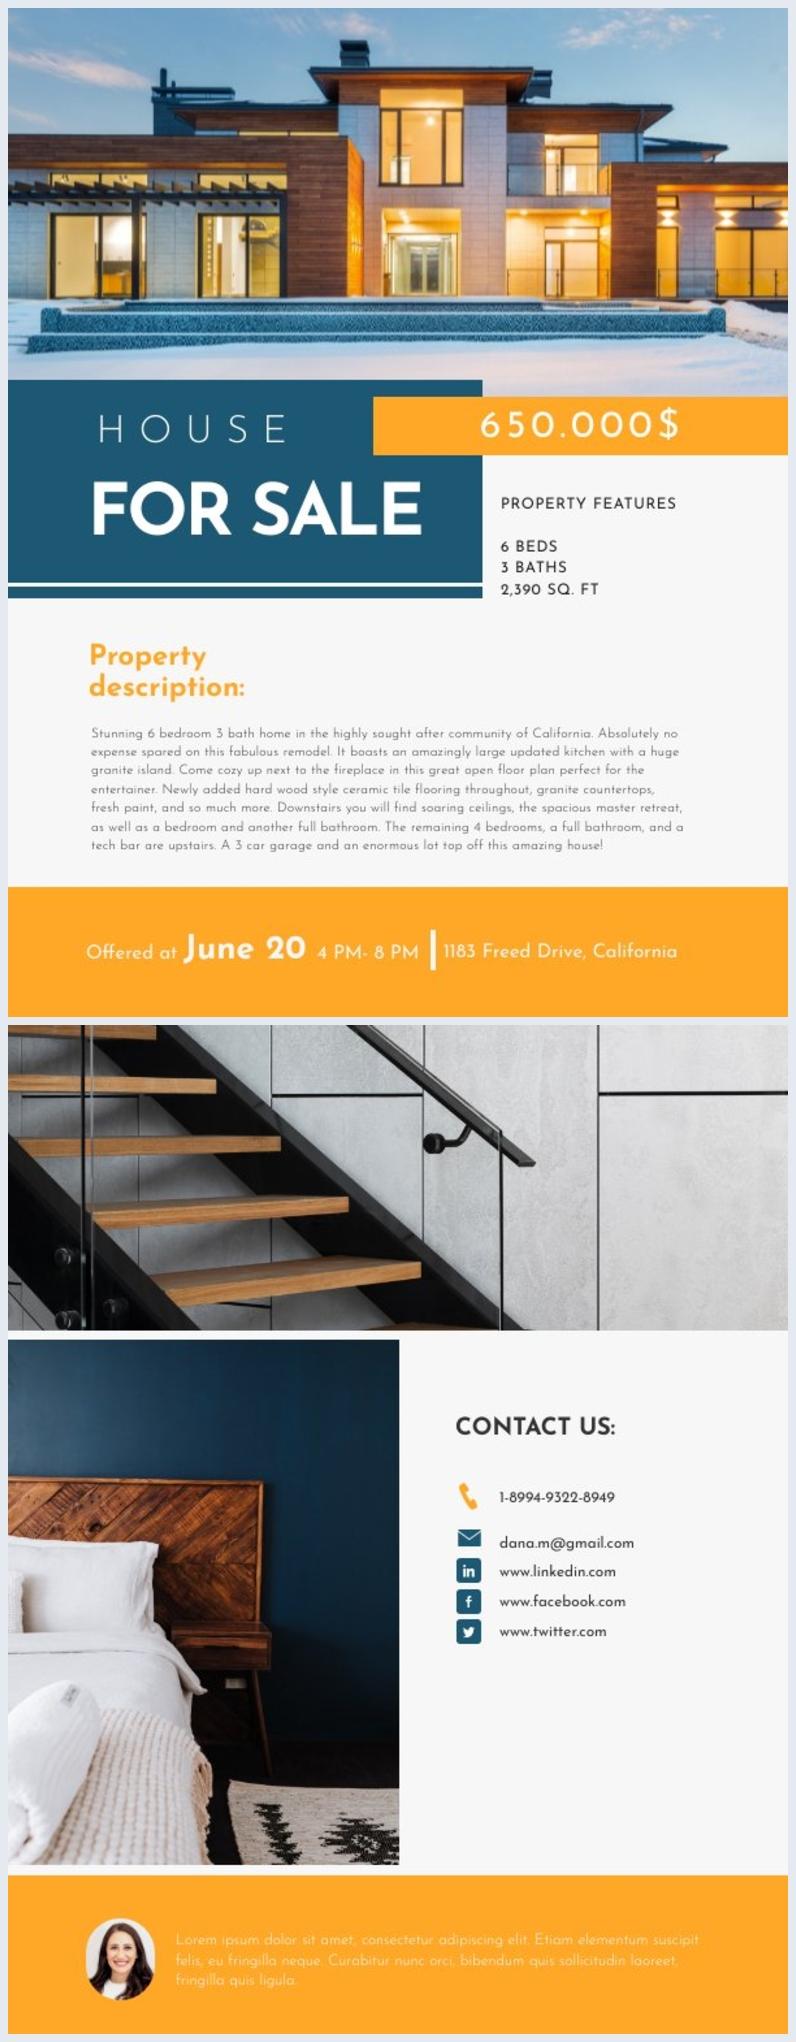 Gratis Online-Immobilien-Flyer-Beispiel